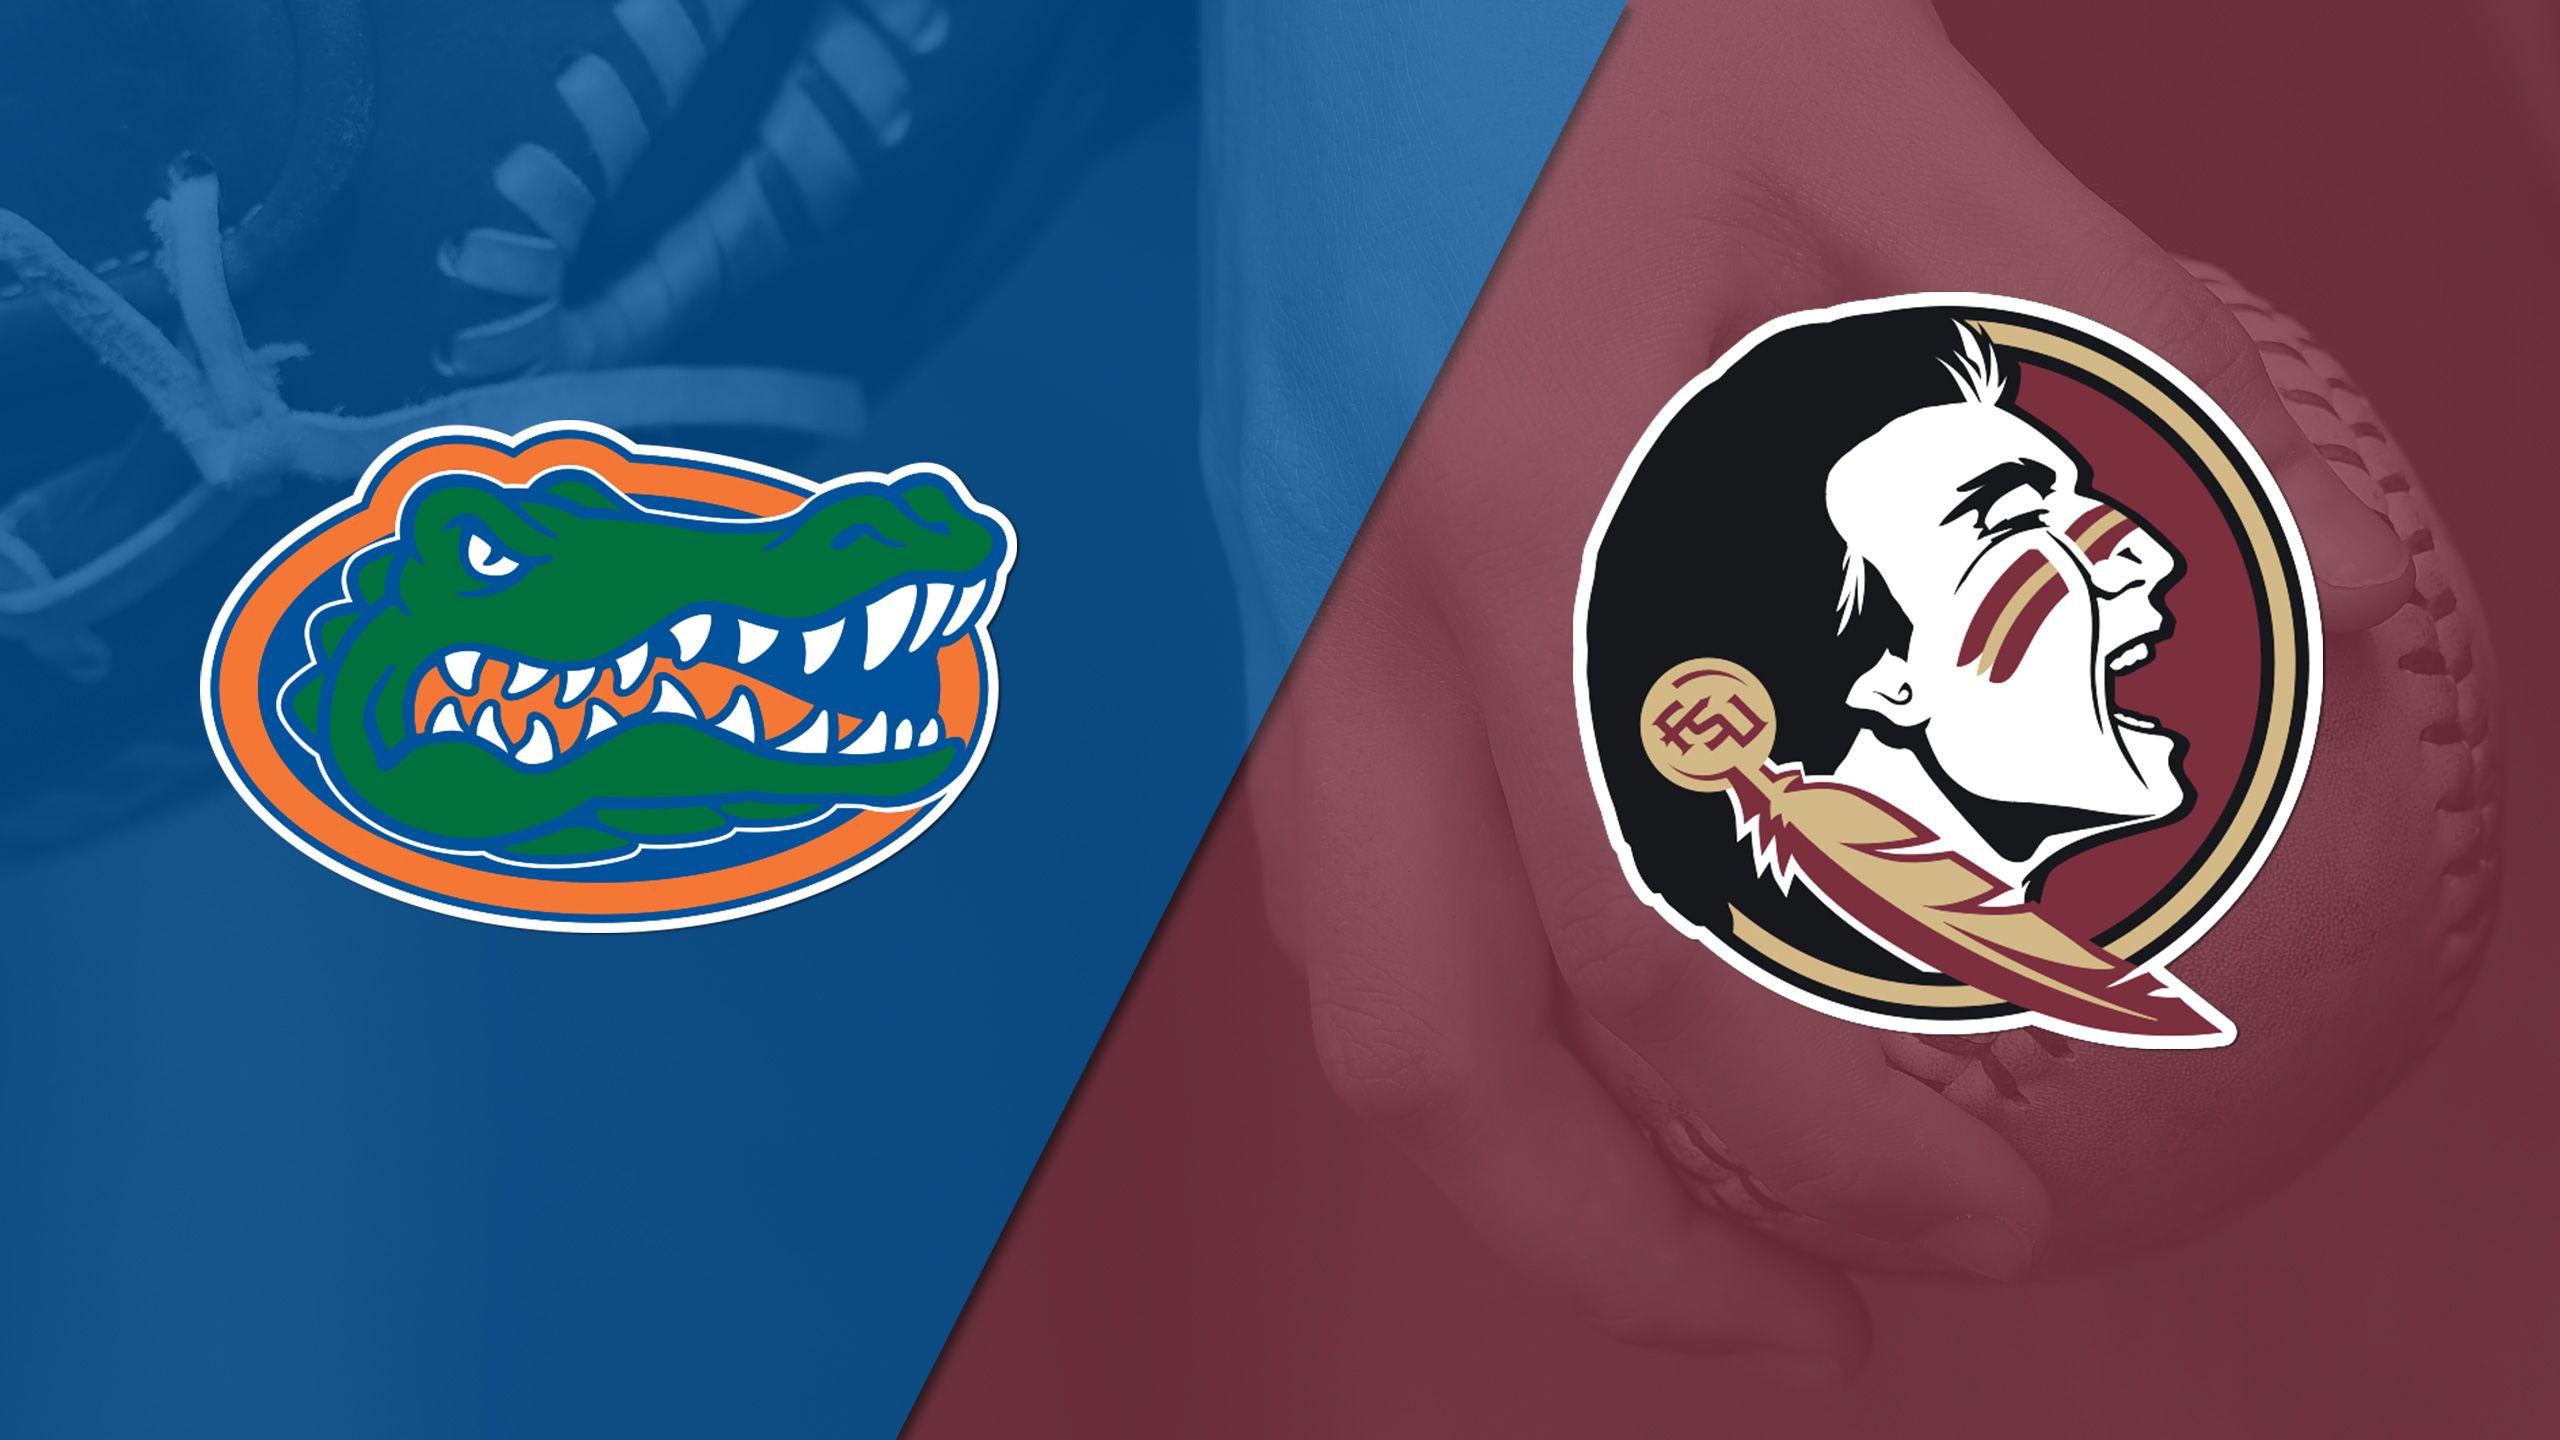 #1 Florida vs. #2 Florida State (Softball)